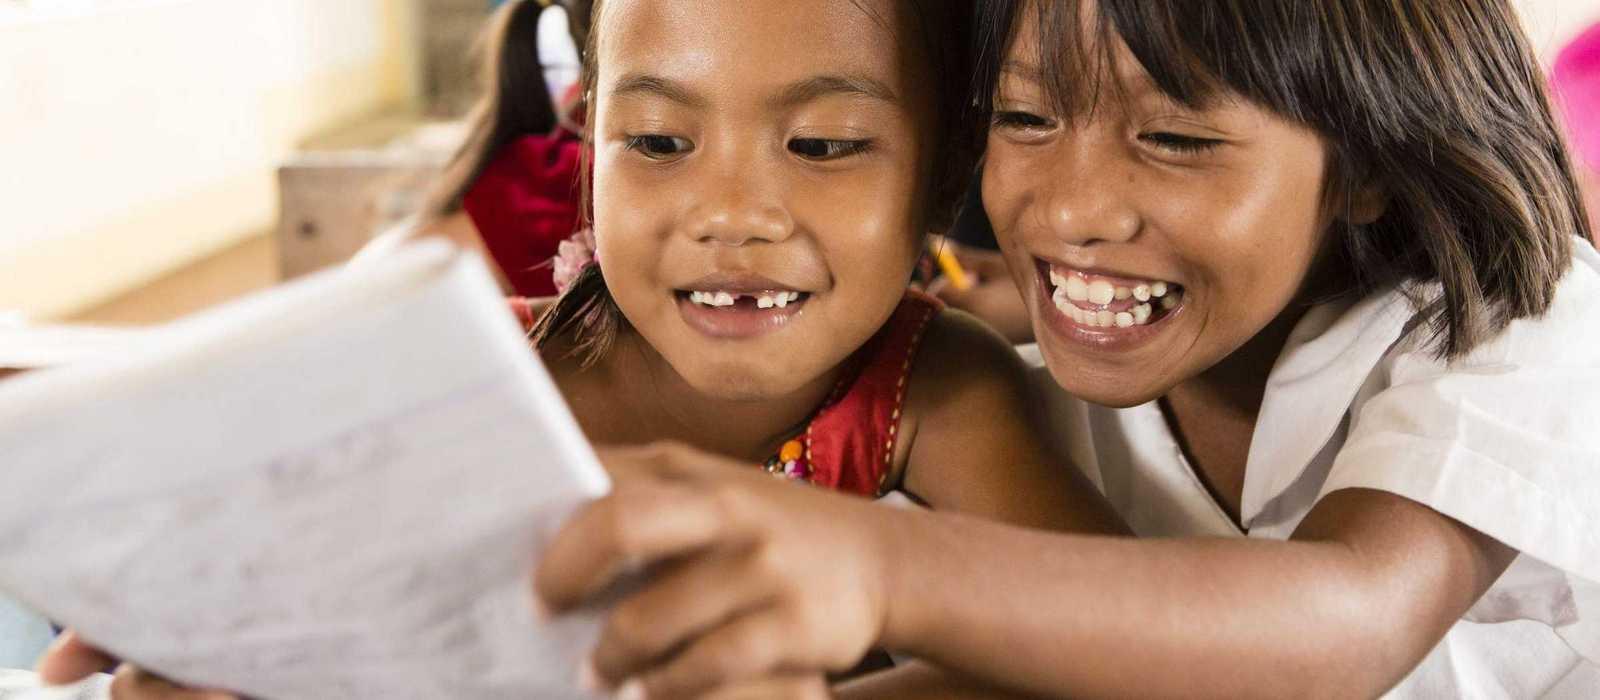 zwei lachende Mädchen